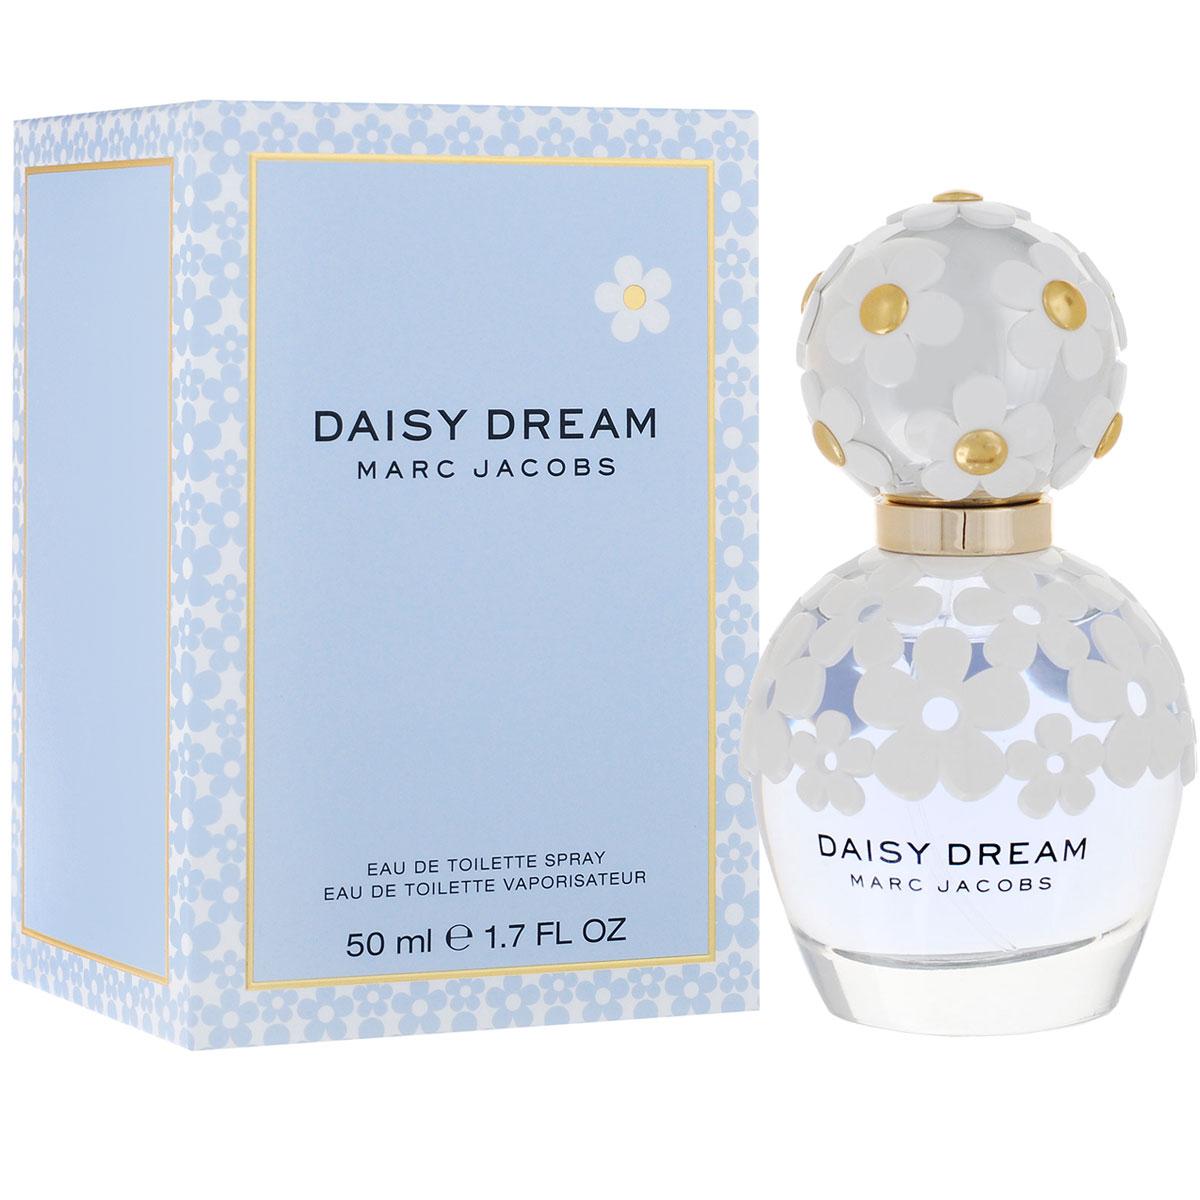 Marc Jacobs Туалетная вода Daisy Dream, женская, 50 мл духи marc jacobs daisy dream 4 10ml